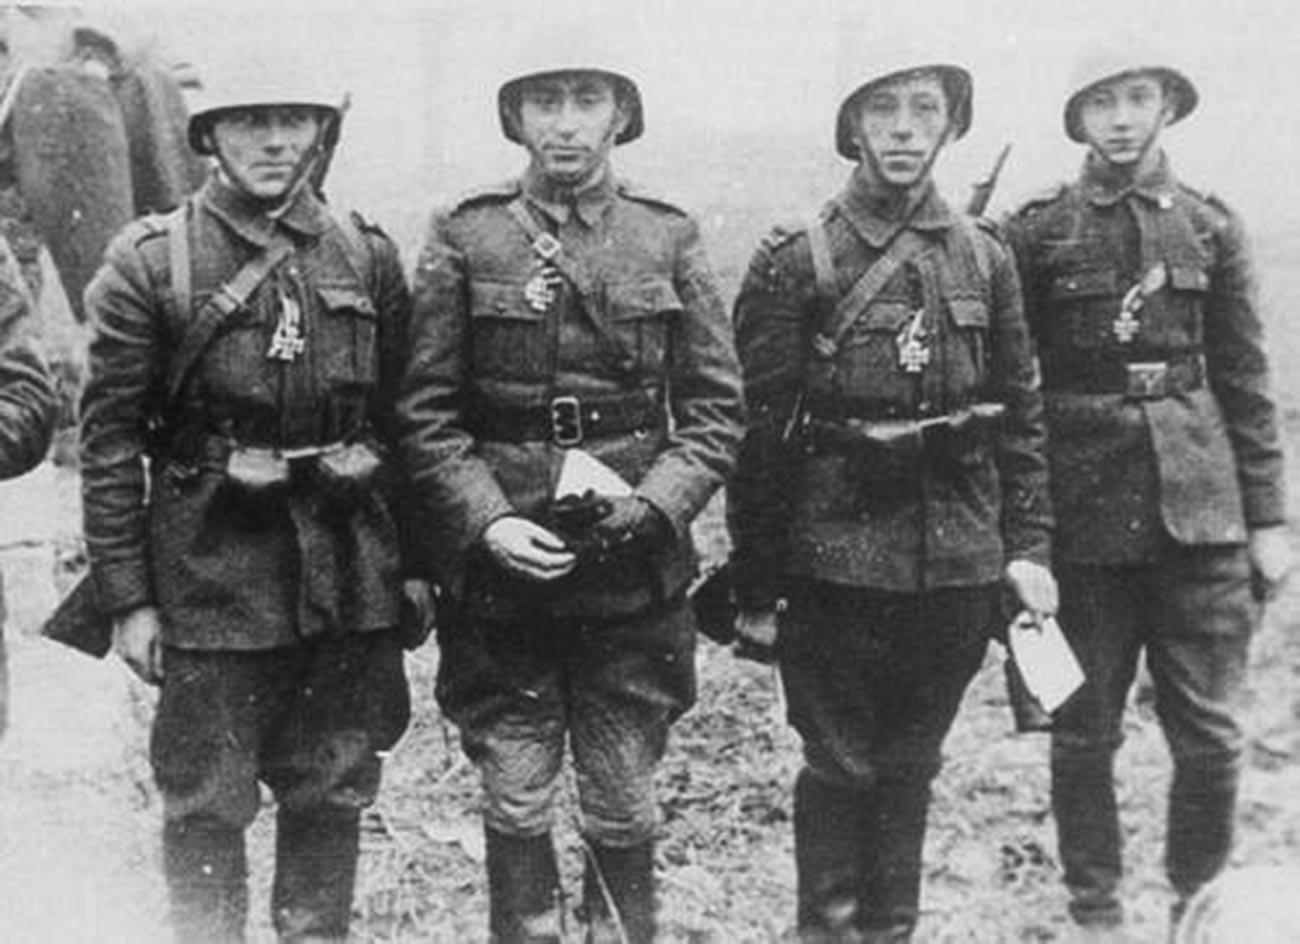 I soldati dell'8° Brigata di Cavalleria dopo aver ricevuto la Croce di Ferro. Crimea, 7 gennaio 1942